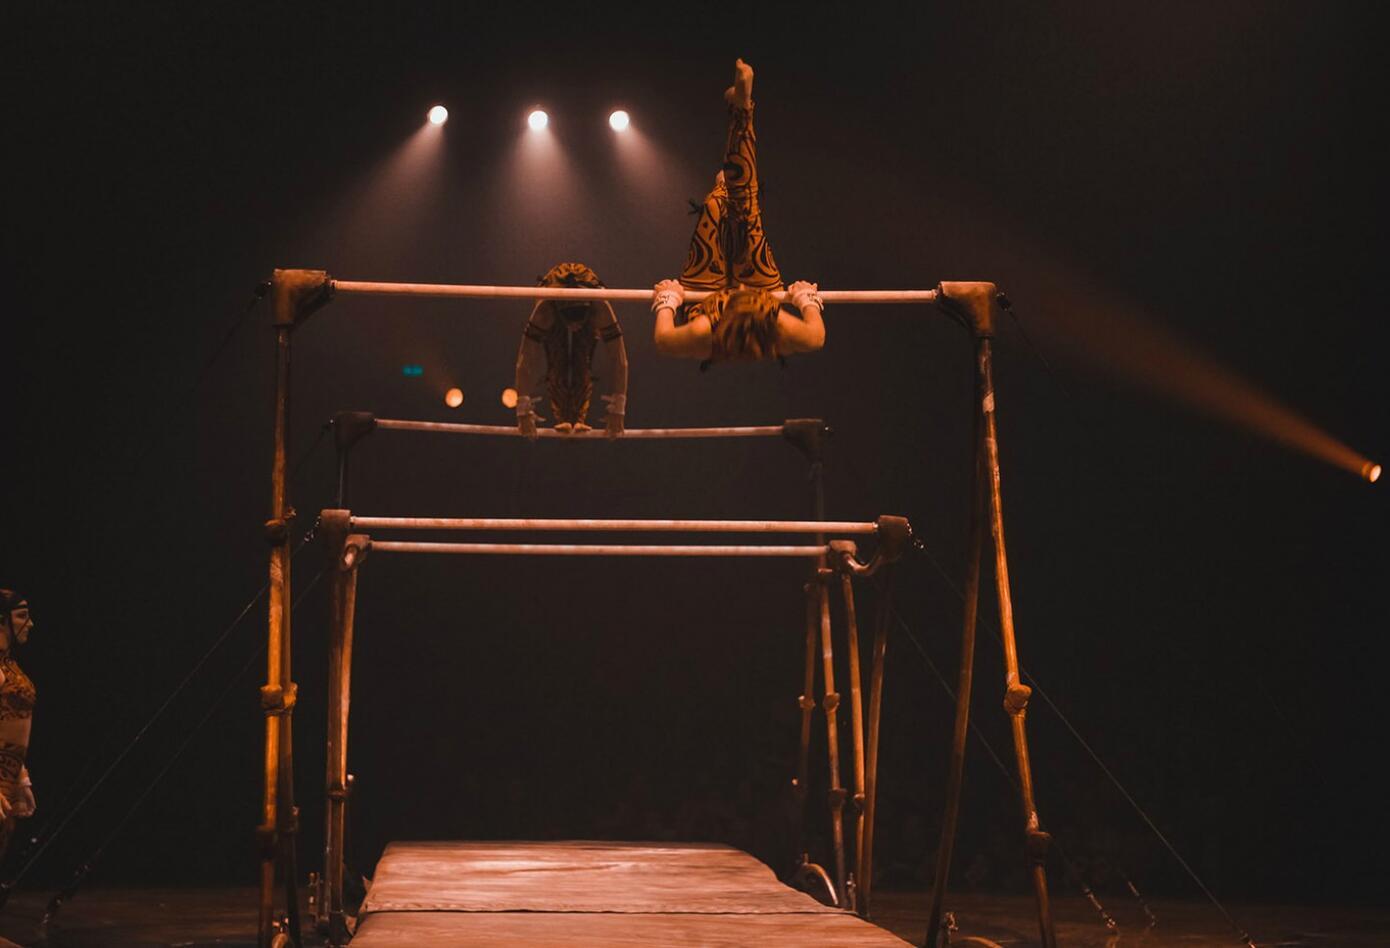 Circo del sol -Amaluna